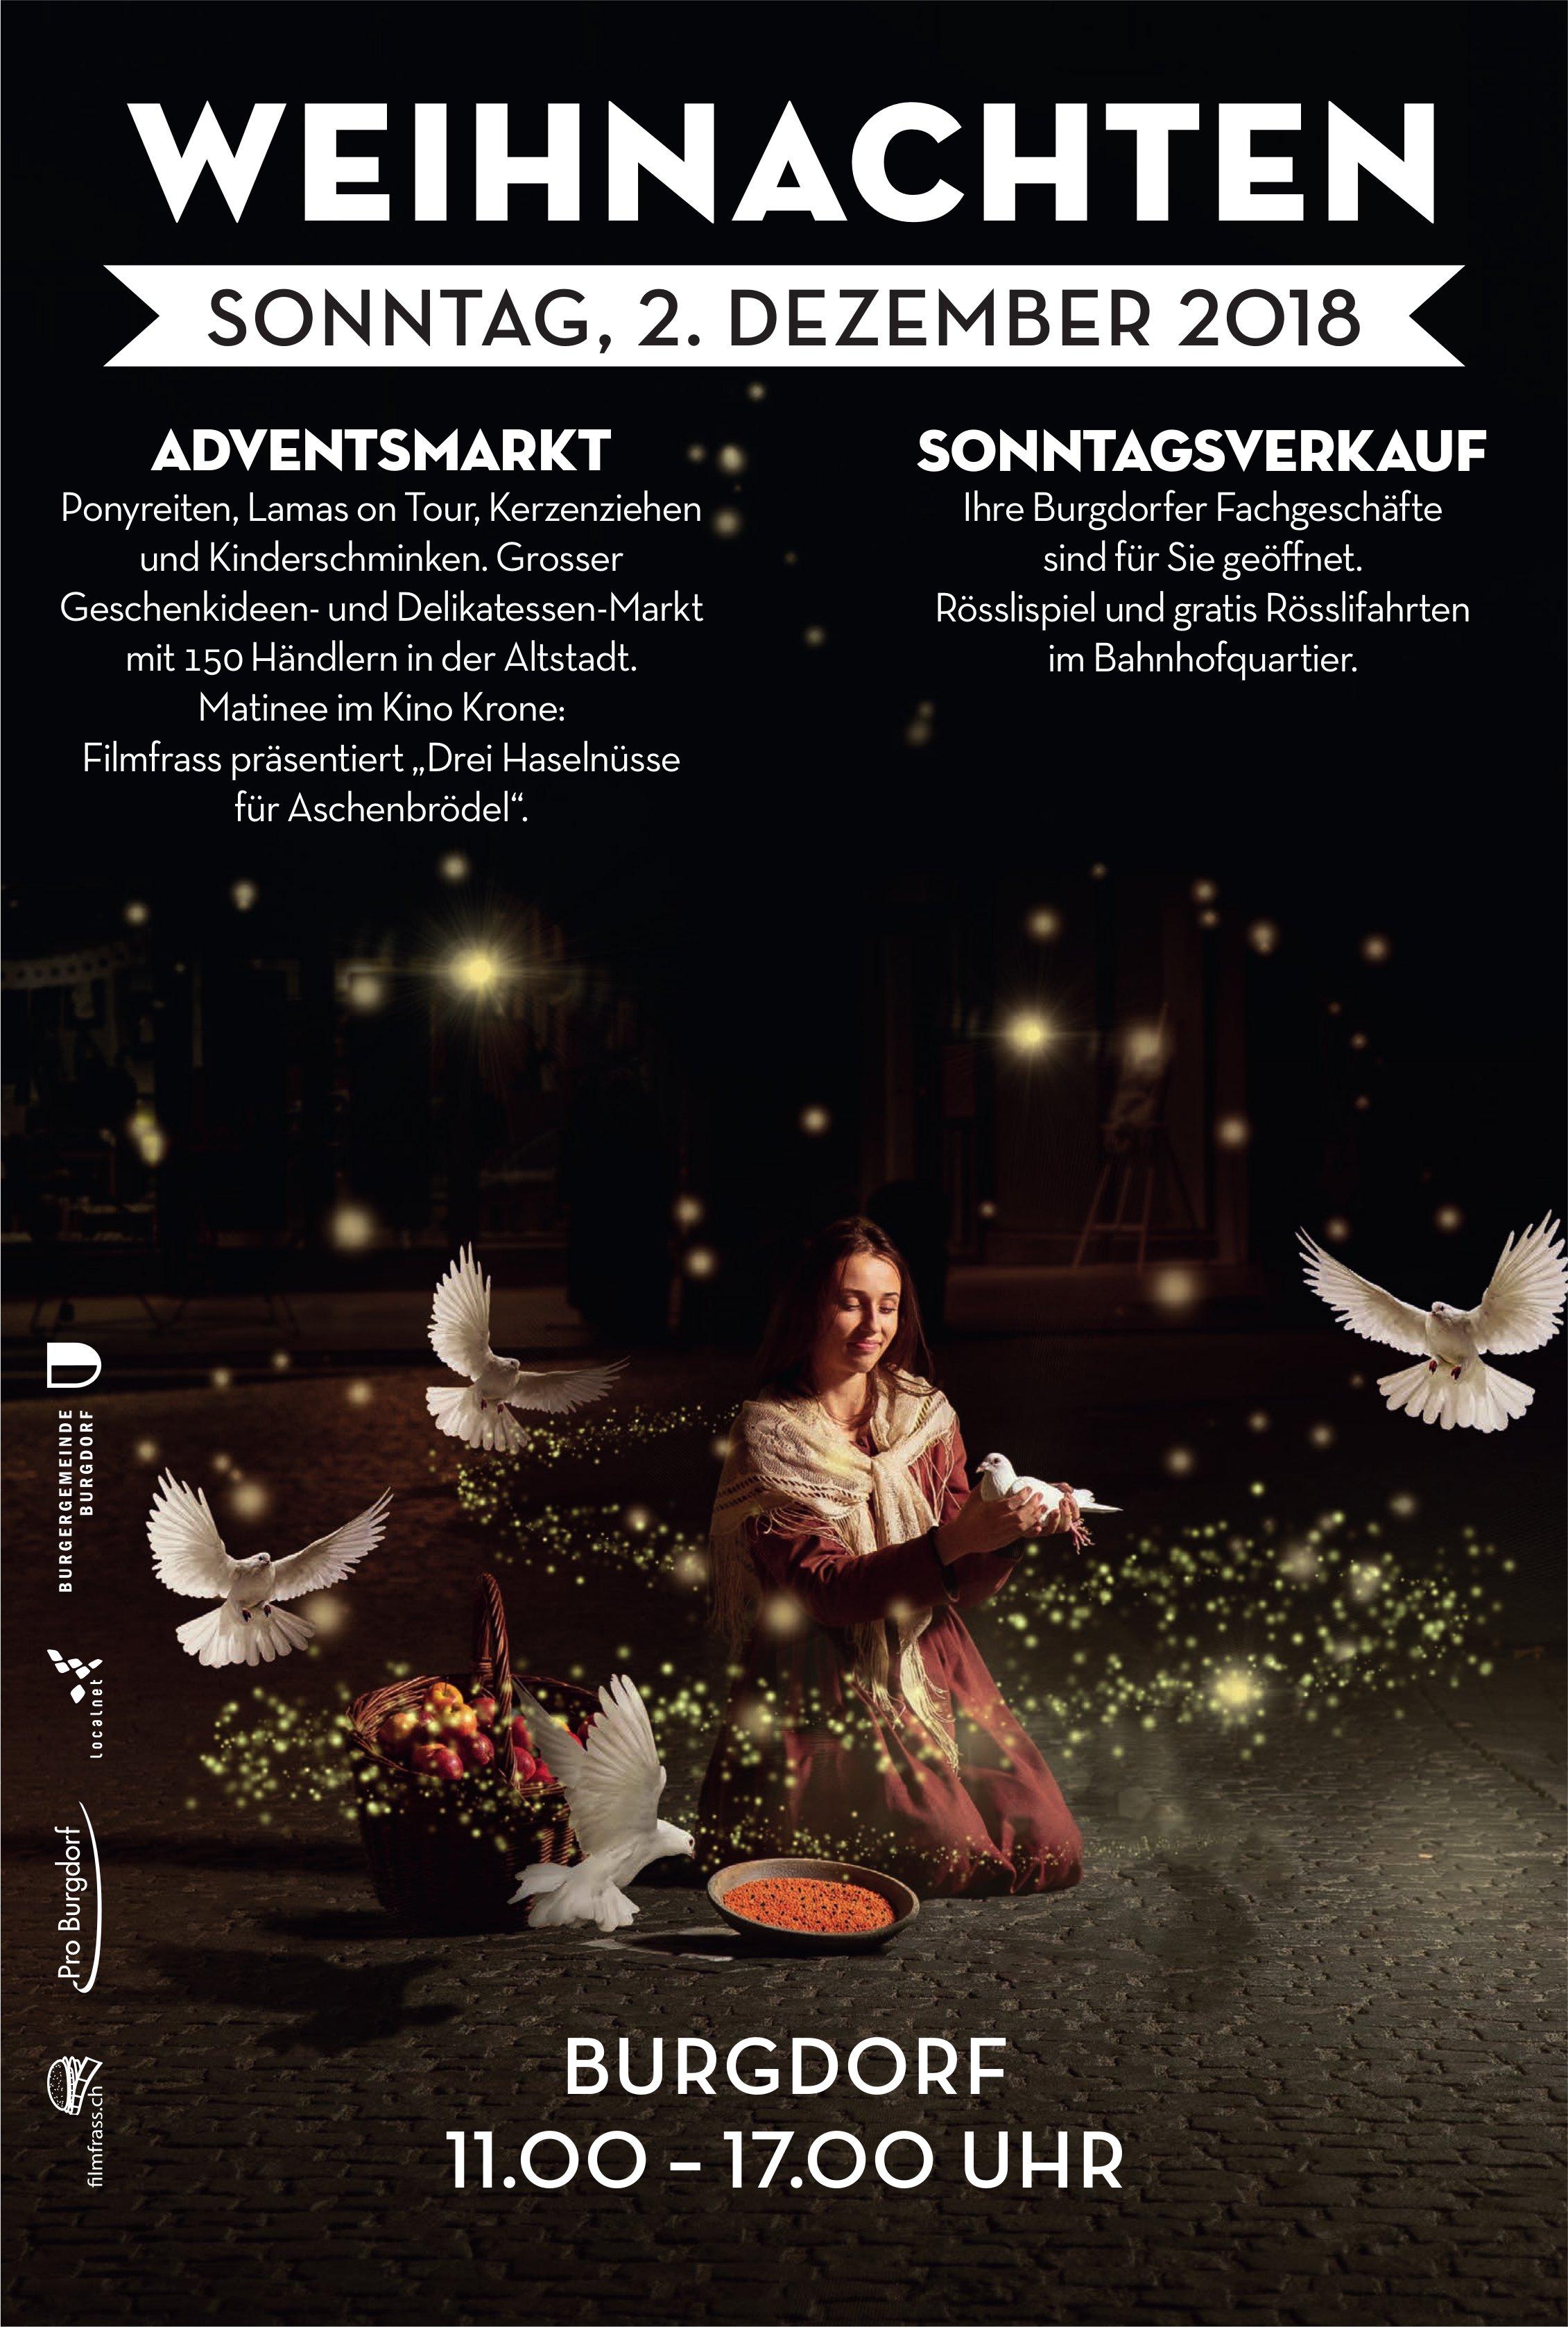 Weihnachten - Adventsmarkt / Sonntagsverkauf, 2. Dez., Burgdorf